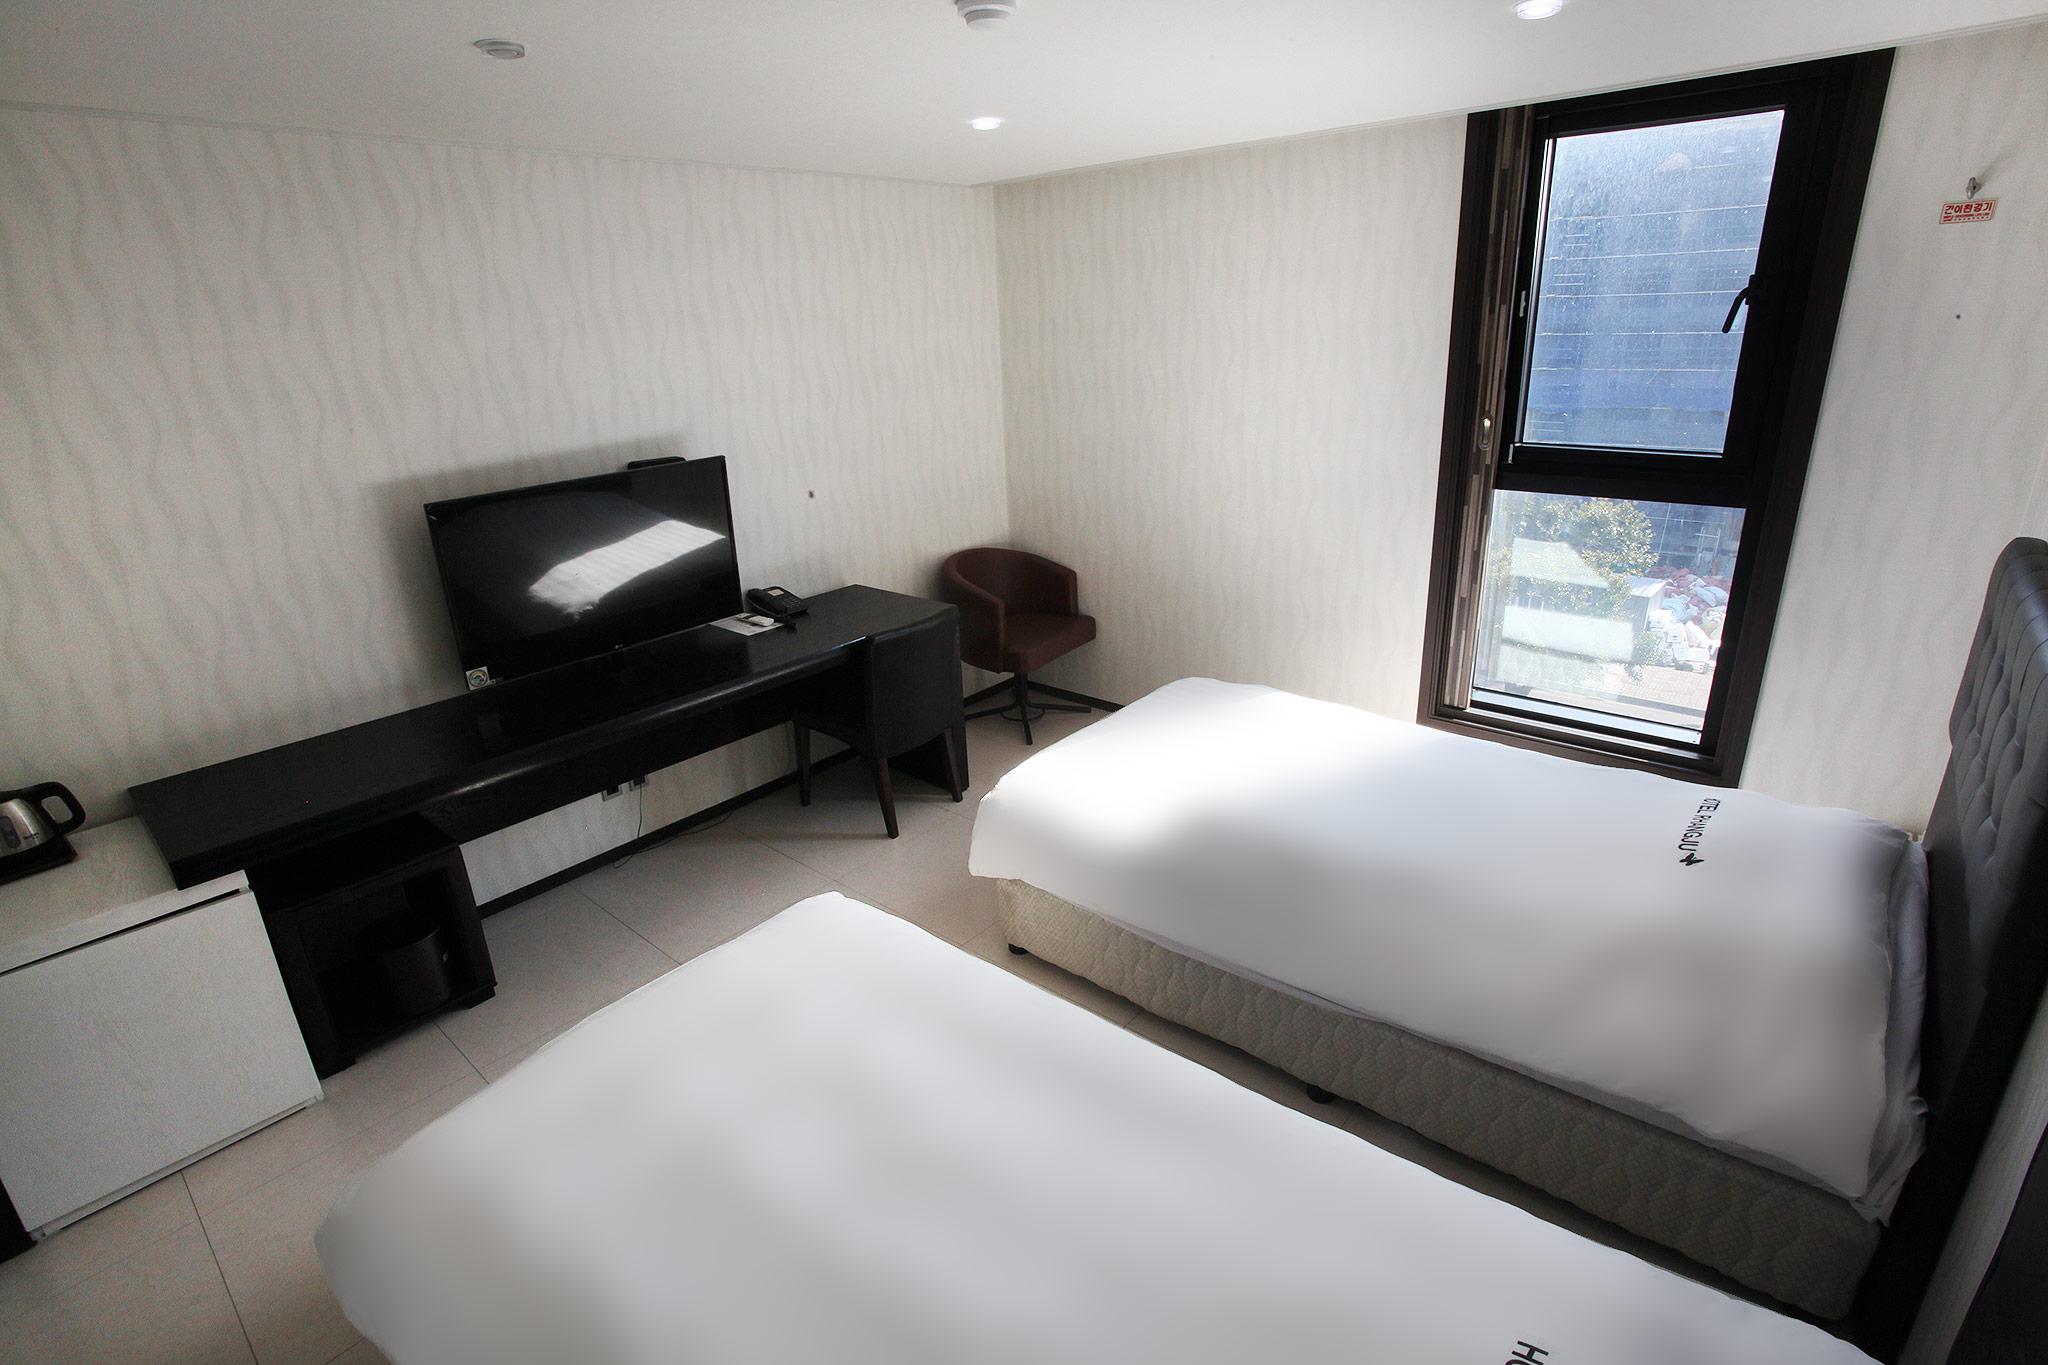 서귀포 호텔 랑주 이미지1